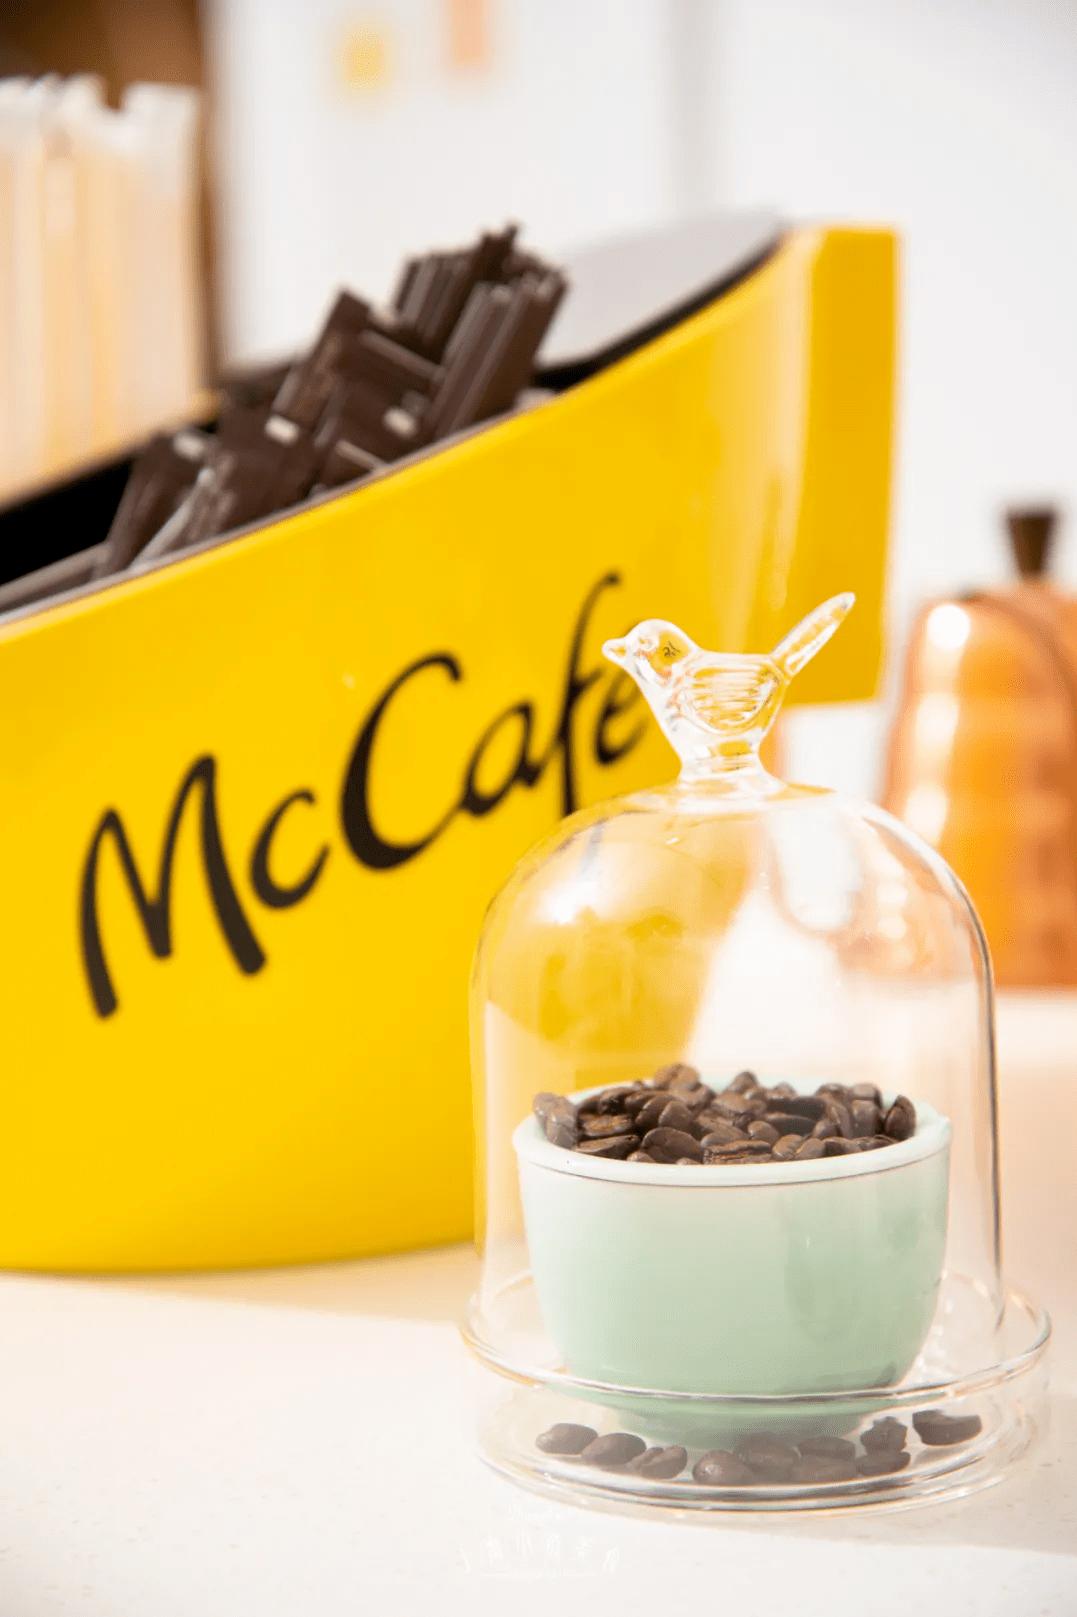 原创             全国首家麦咖啡旗舰店来啦